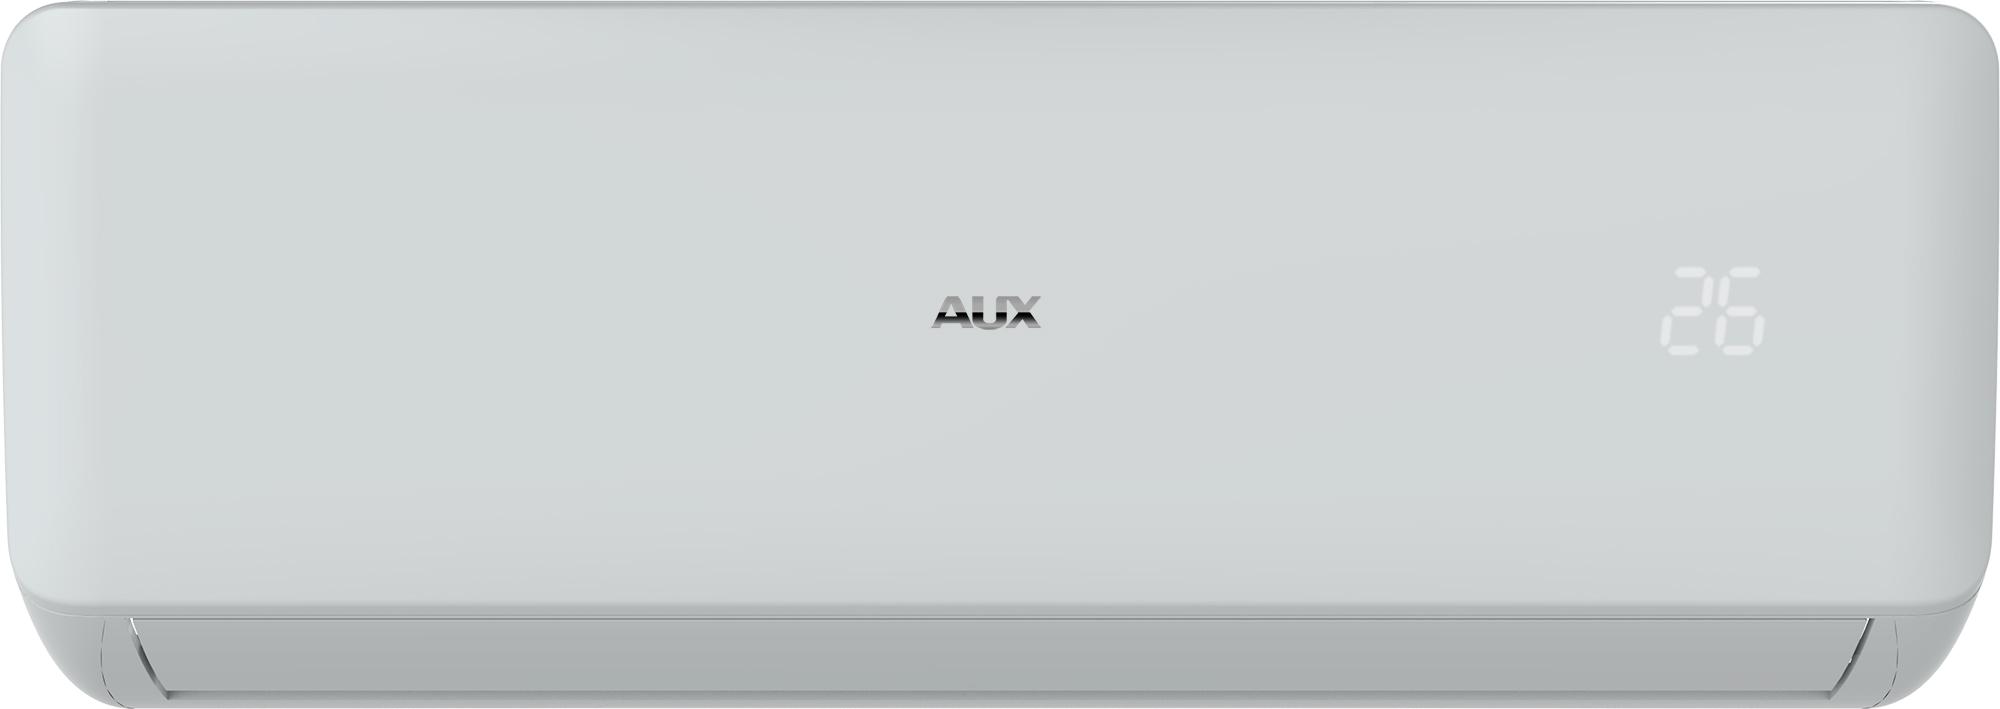 Кондиционер настенный AUX ASW-H09A4/FAR1